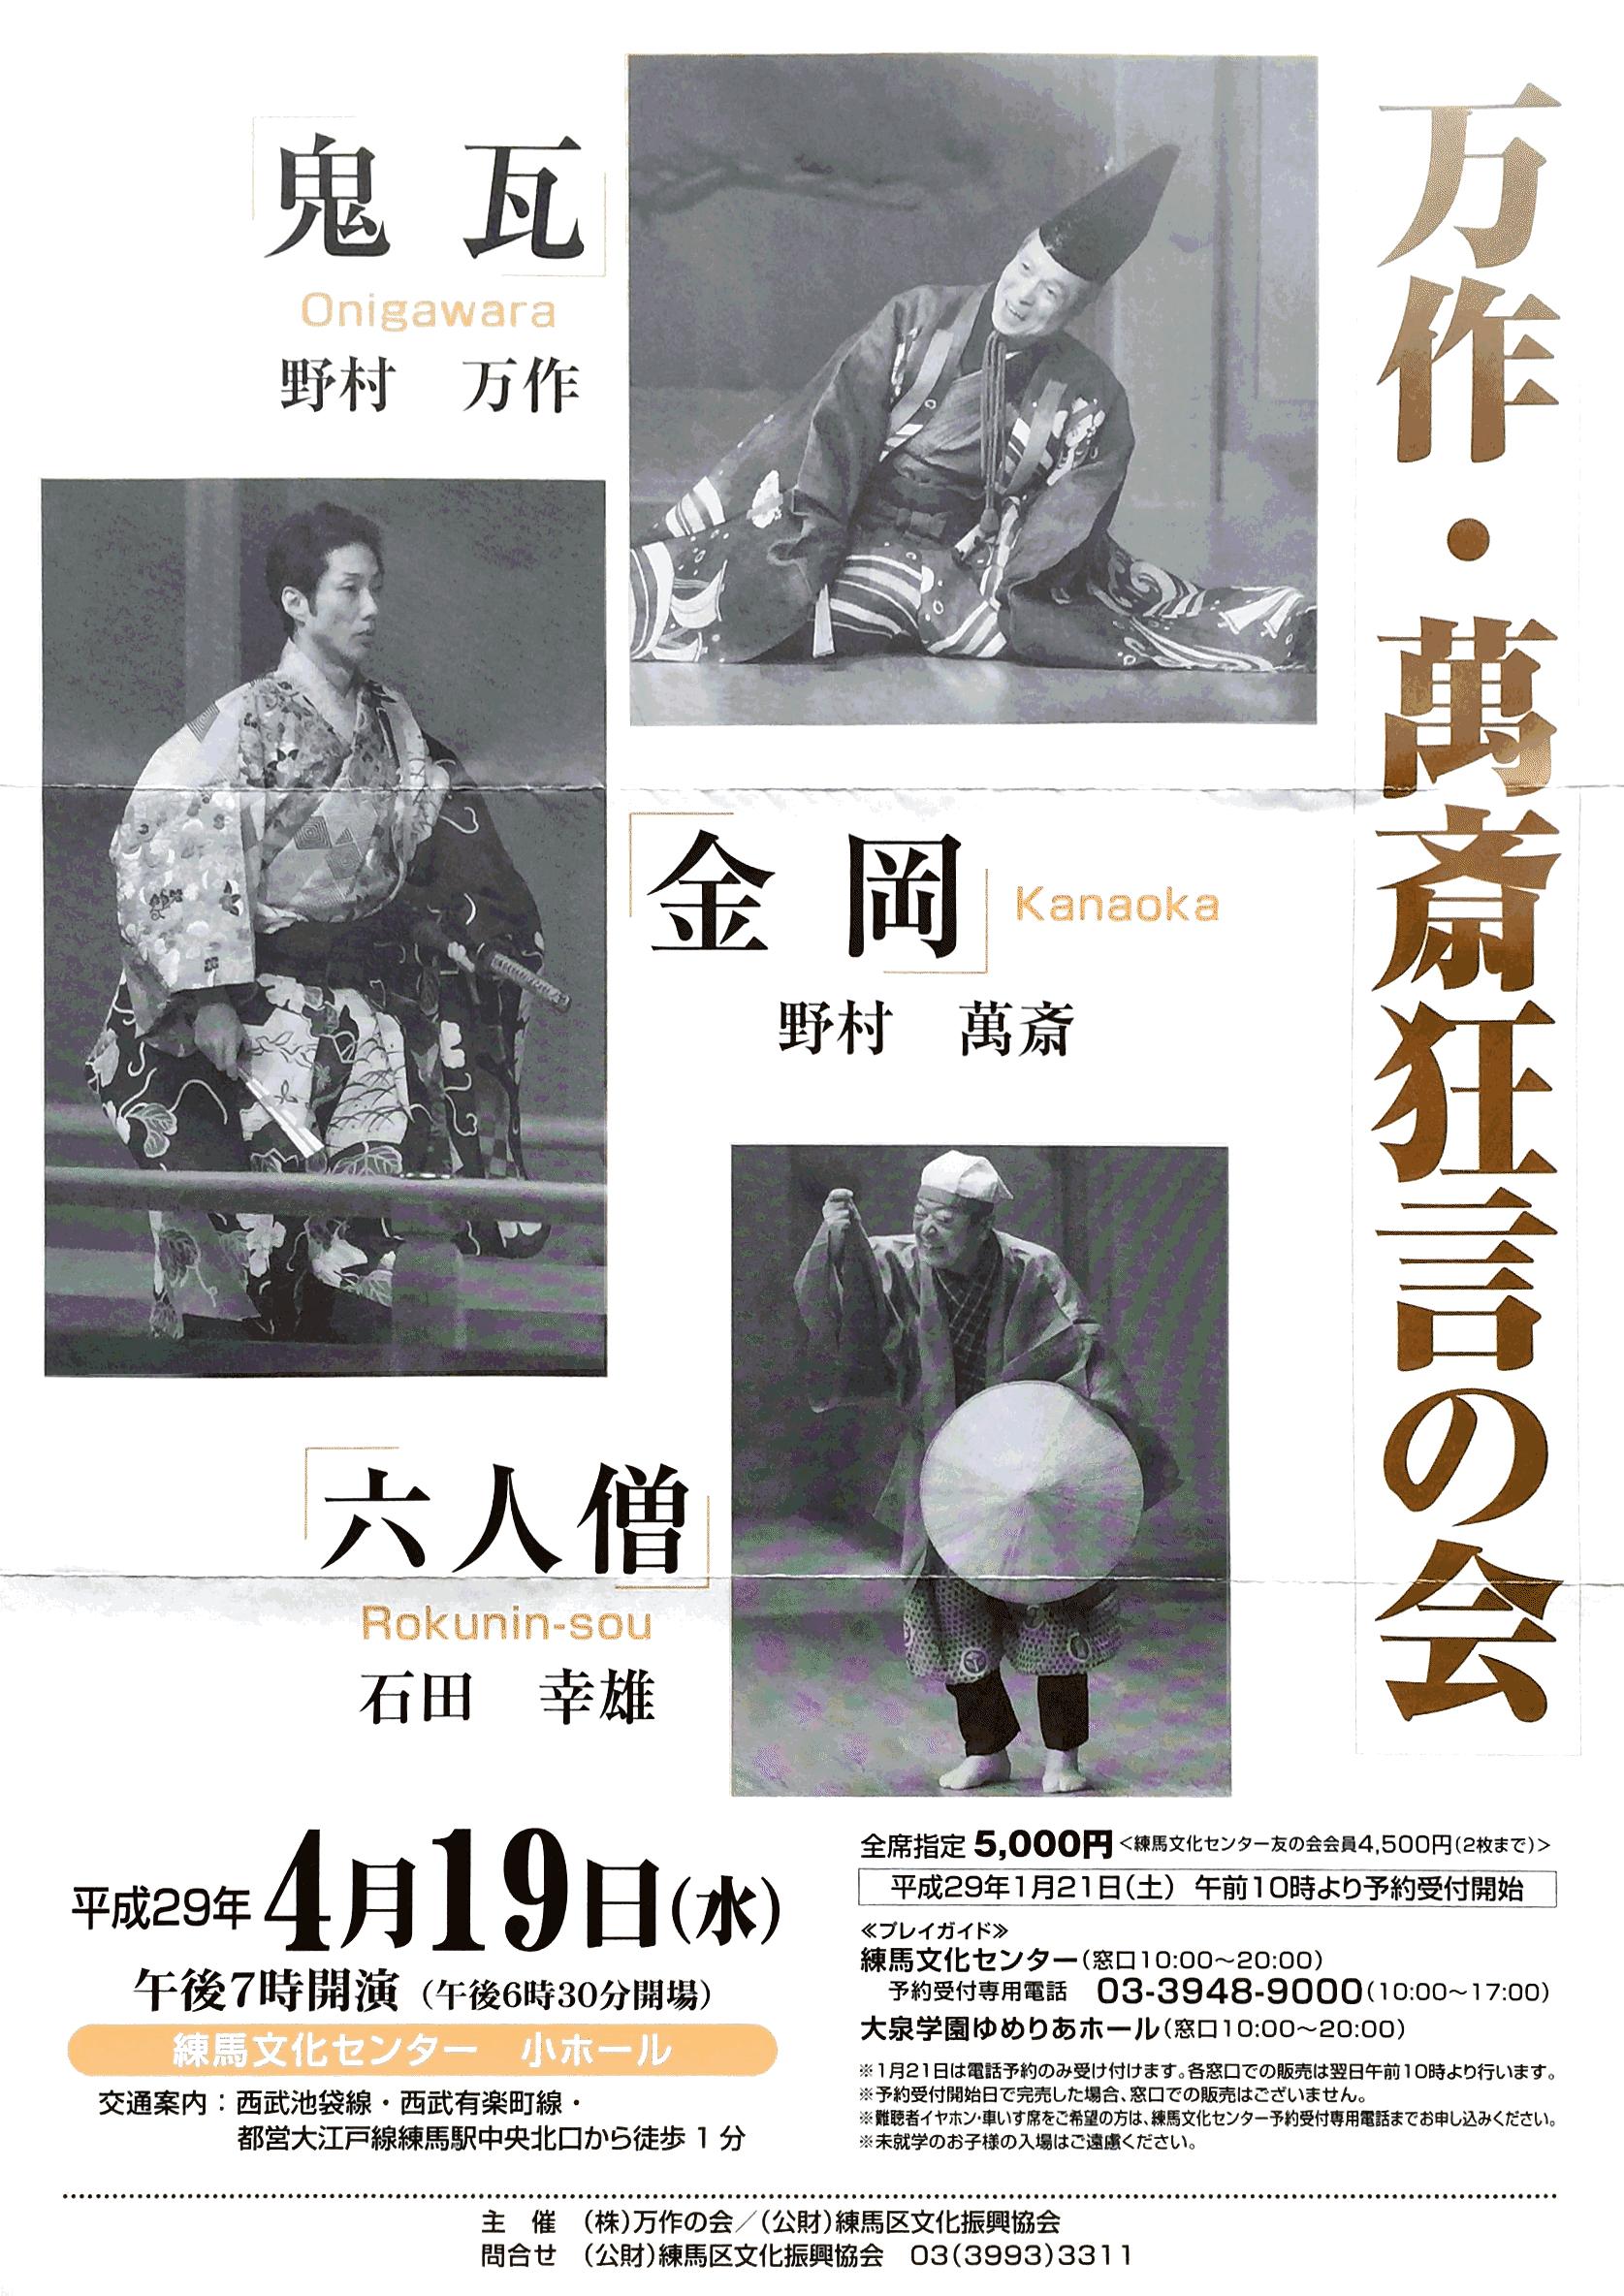 2017年4月19日万作・萬斎狂言の会「金岡」